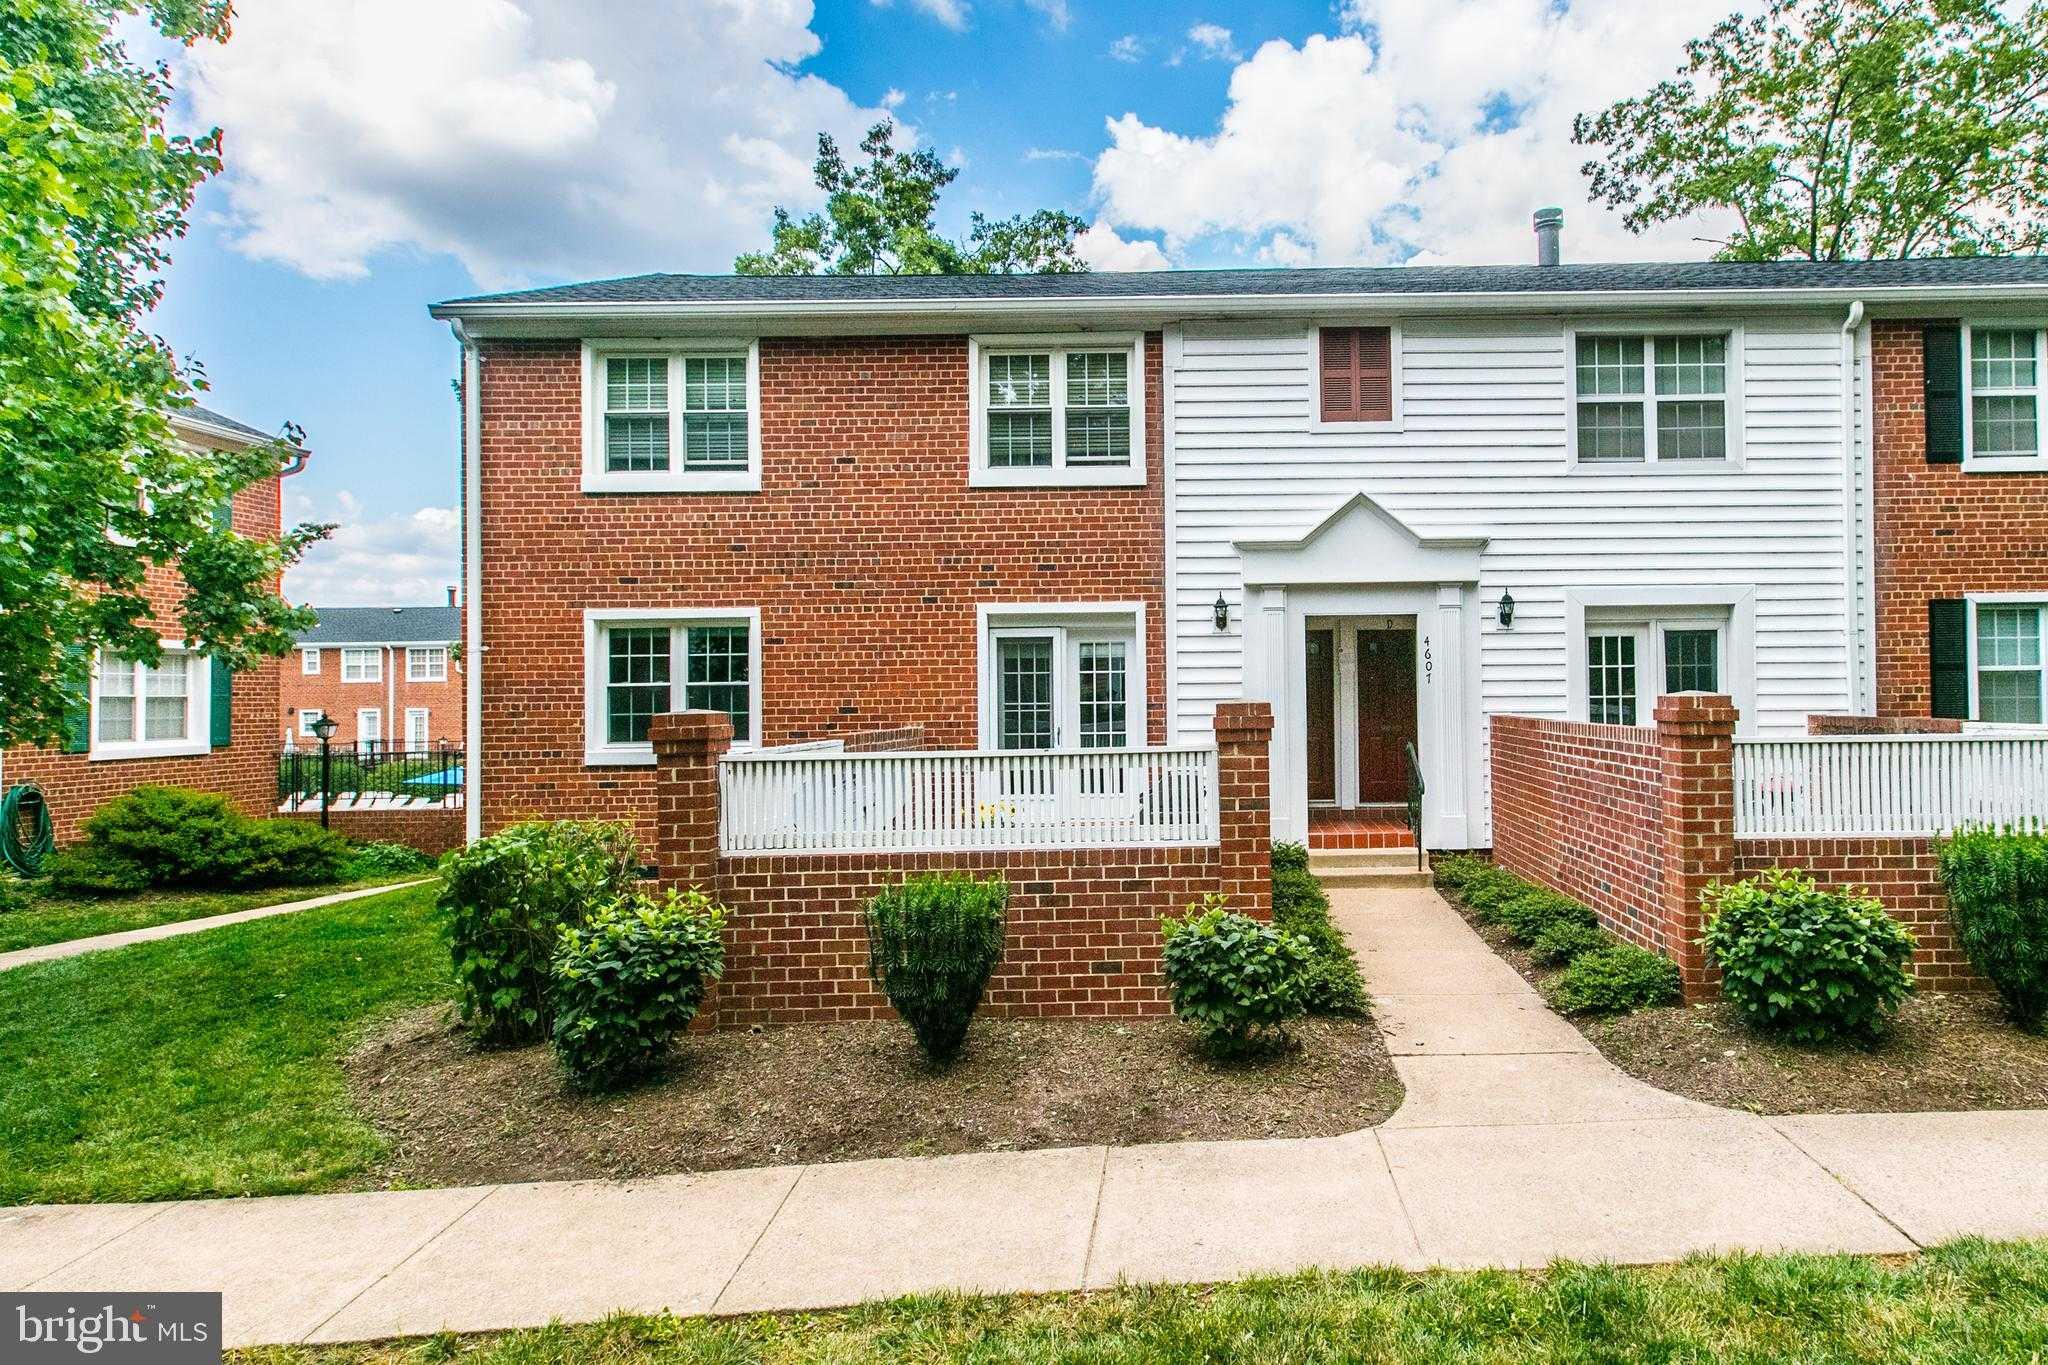 $459,900 - 3Br/2Ba -  for Sale in The Arlington, Arlington